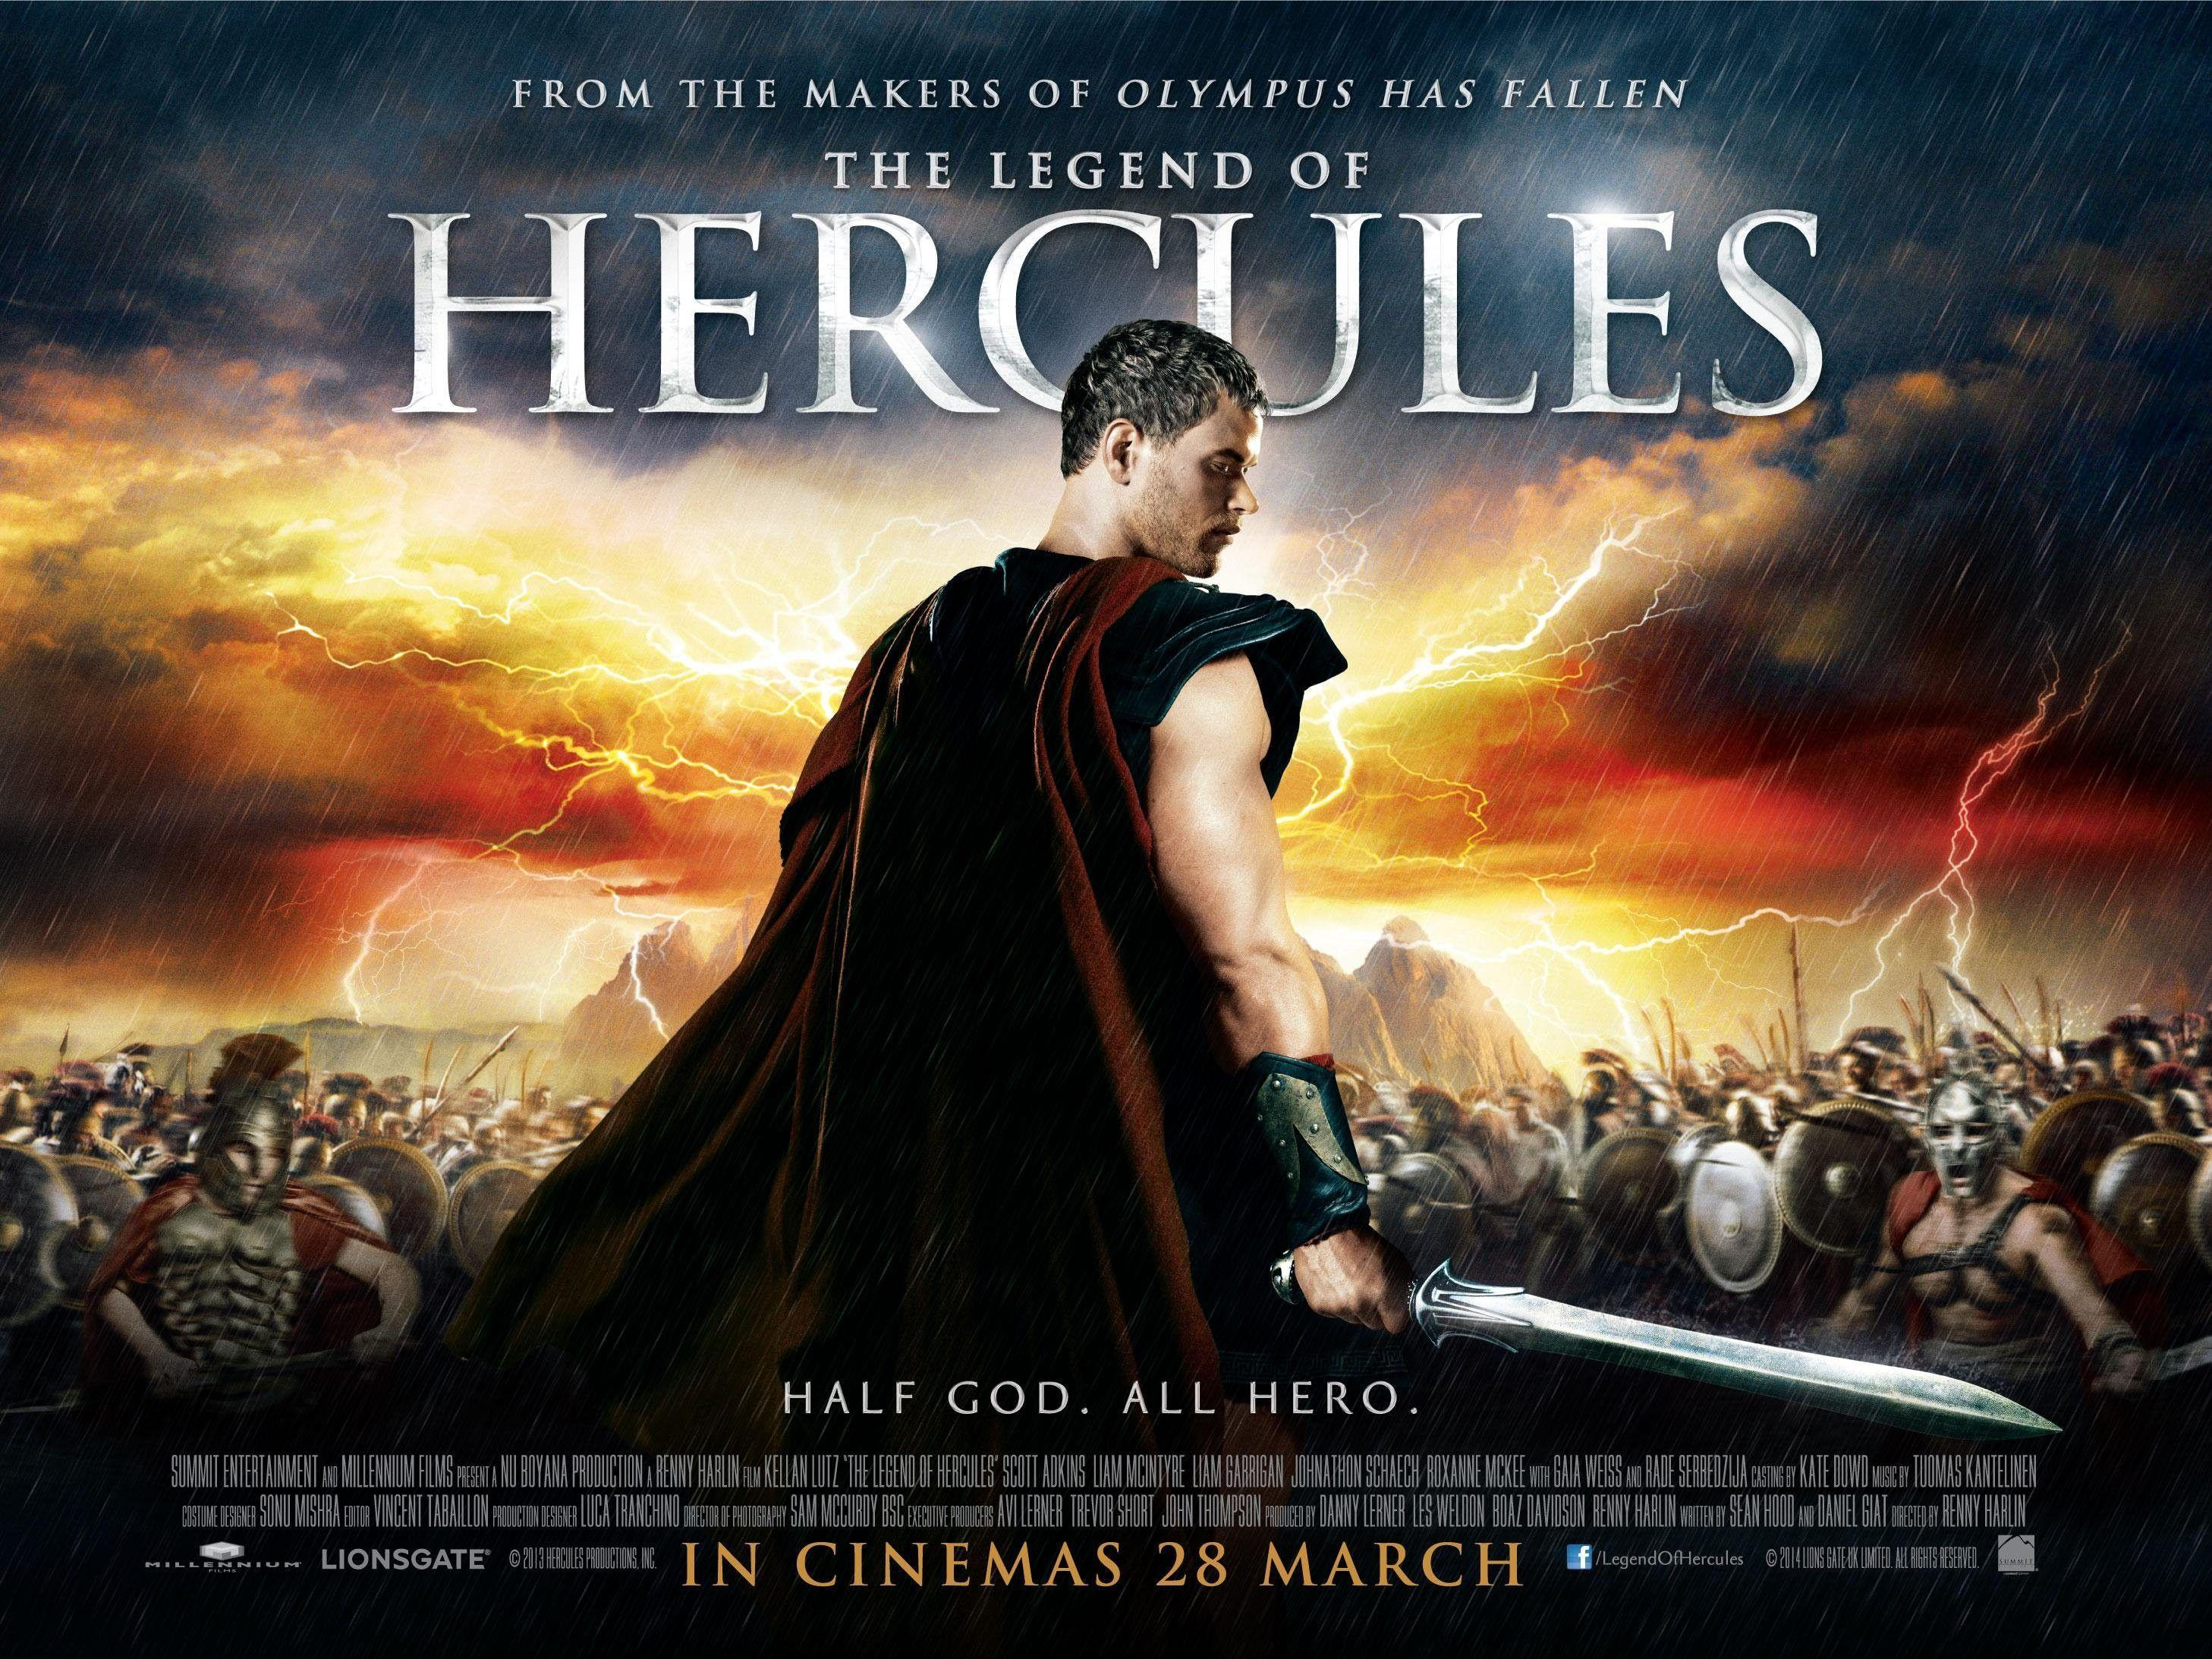 Hercules 2014 Movie wallpaper – wallpaper free download